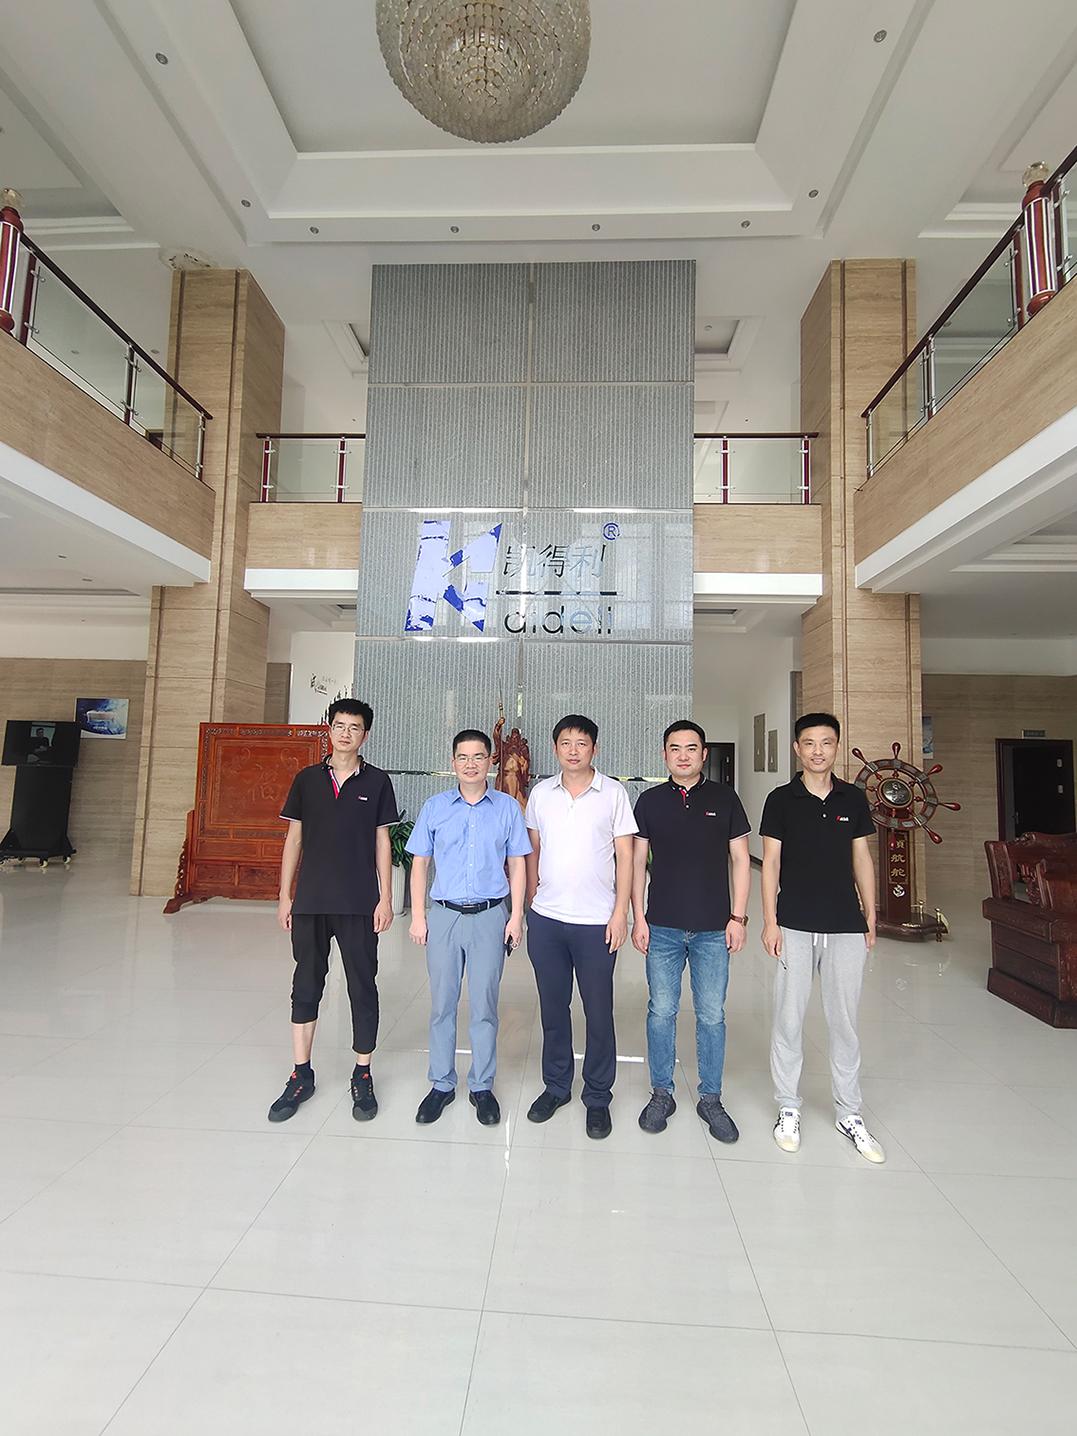 中国建科院环能研究院杨主任到访纳川参观指导